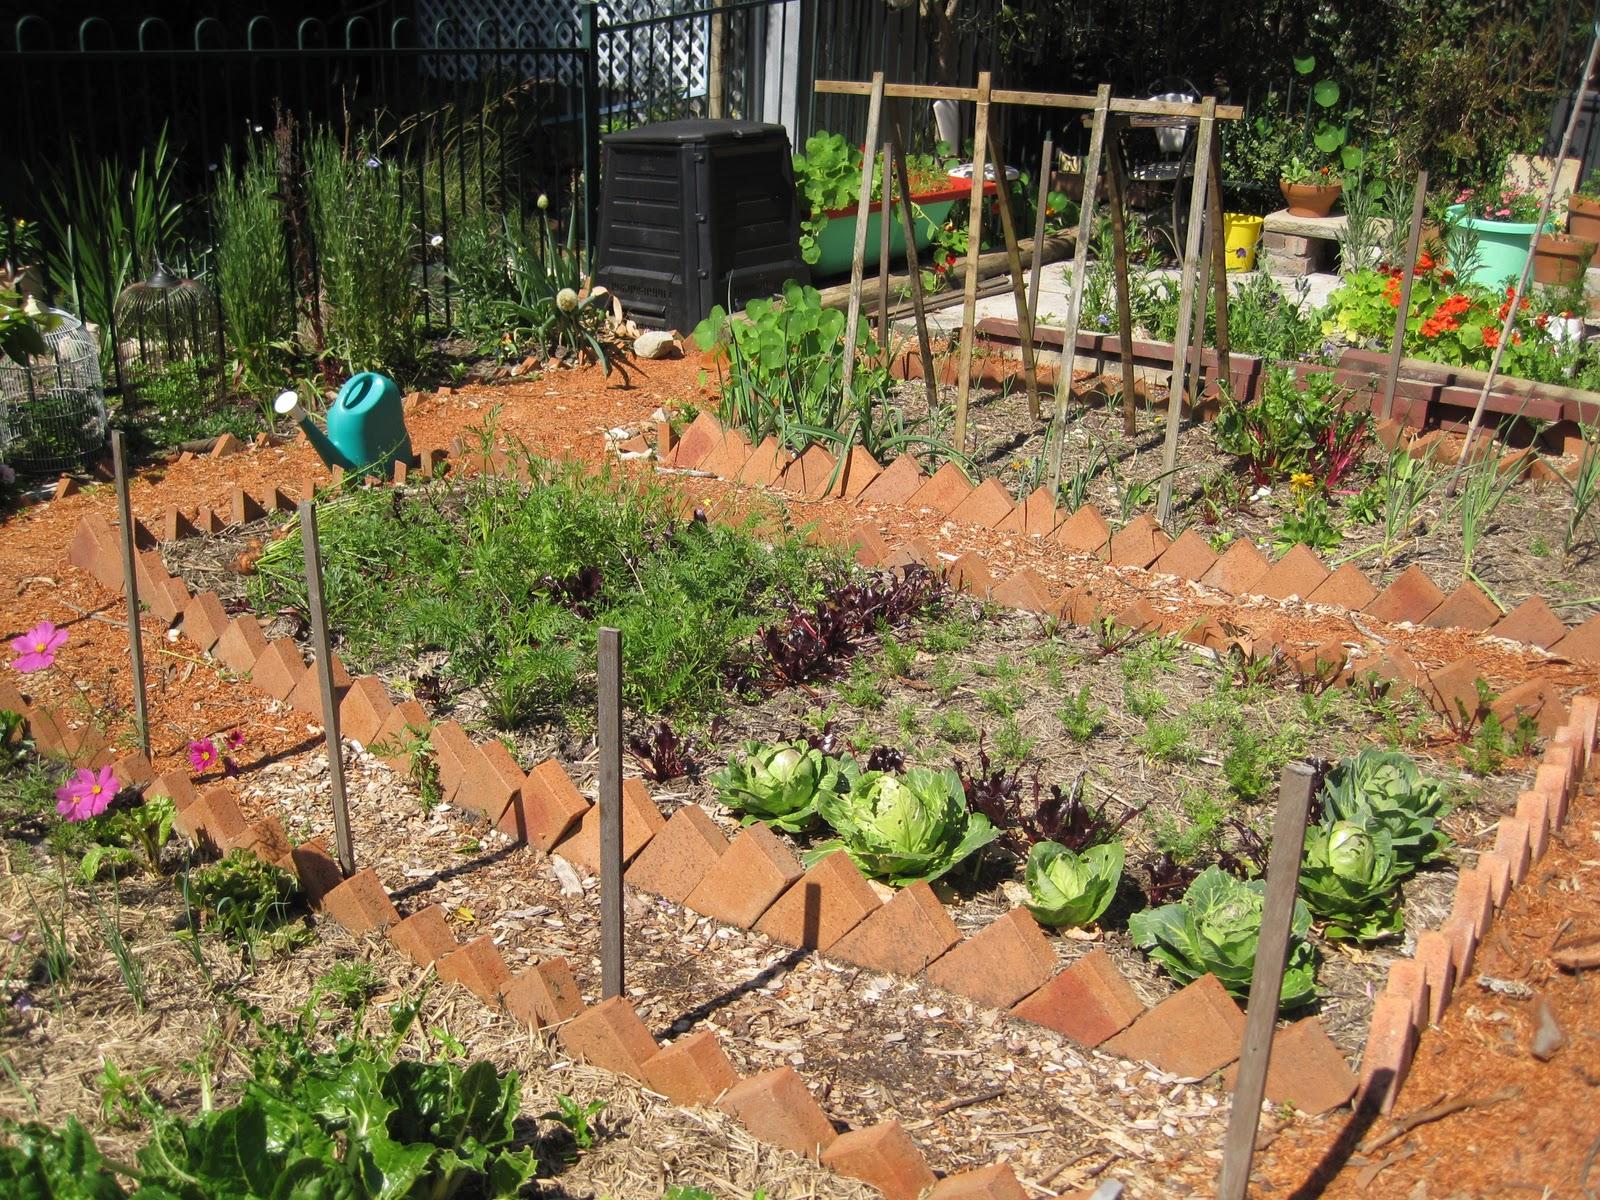 In meg 39 s garden converting a pool into a productive garden for Convert pool into garden